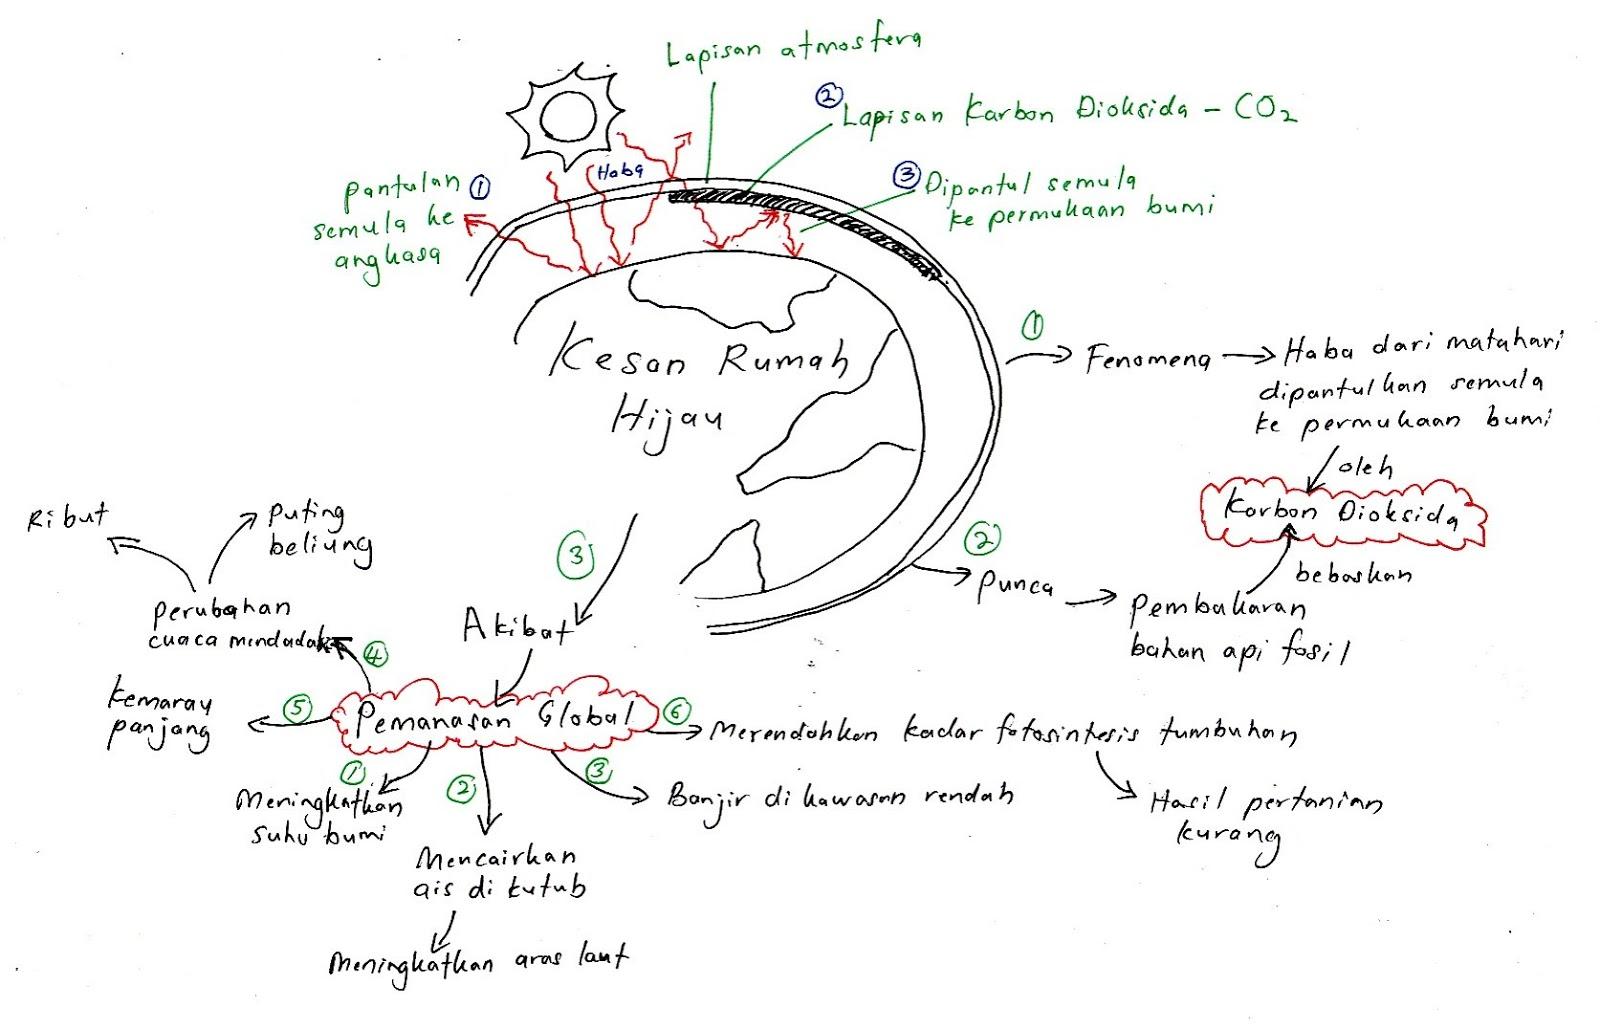 Biologi Ting 4 Metabolisme Dan Enzim Cute766